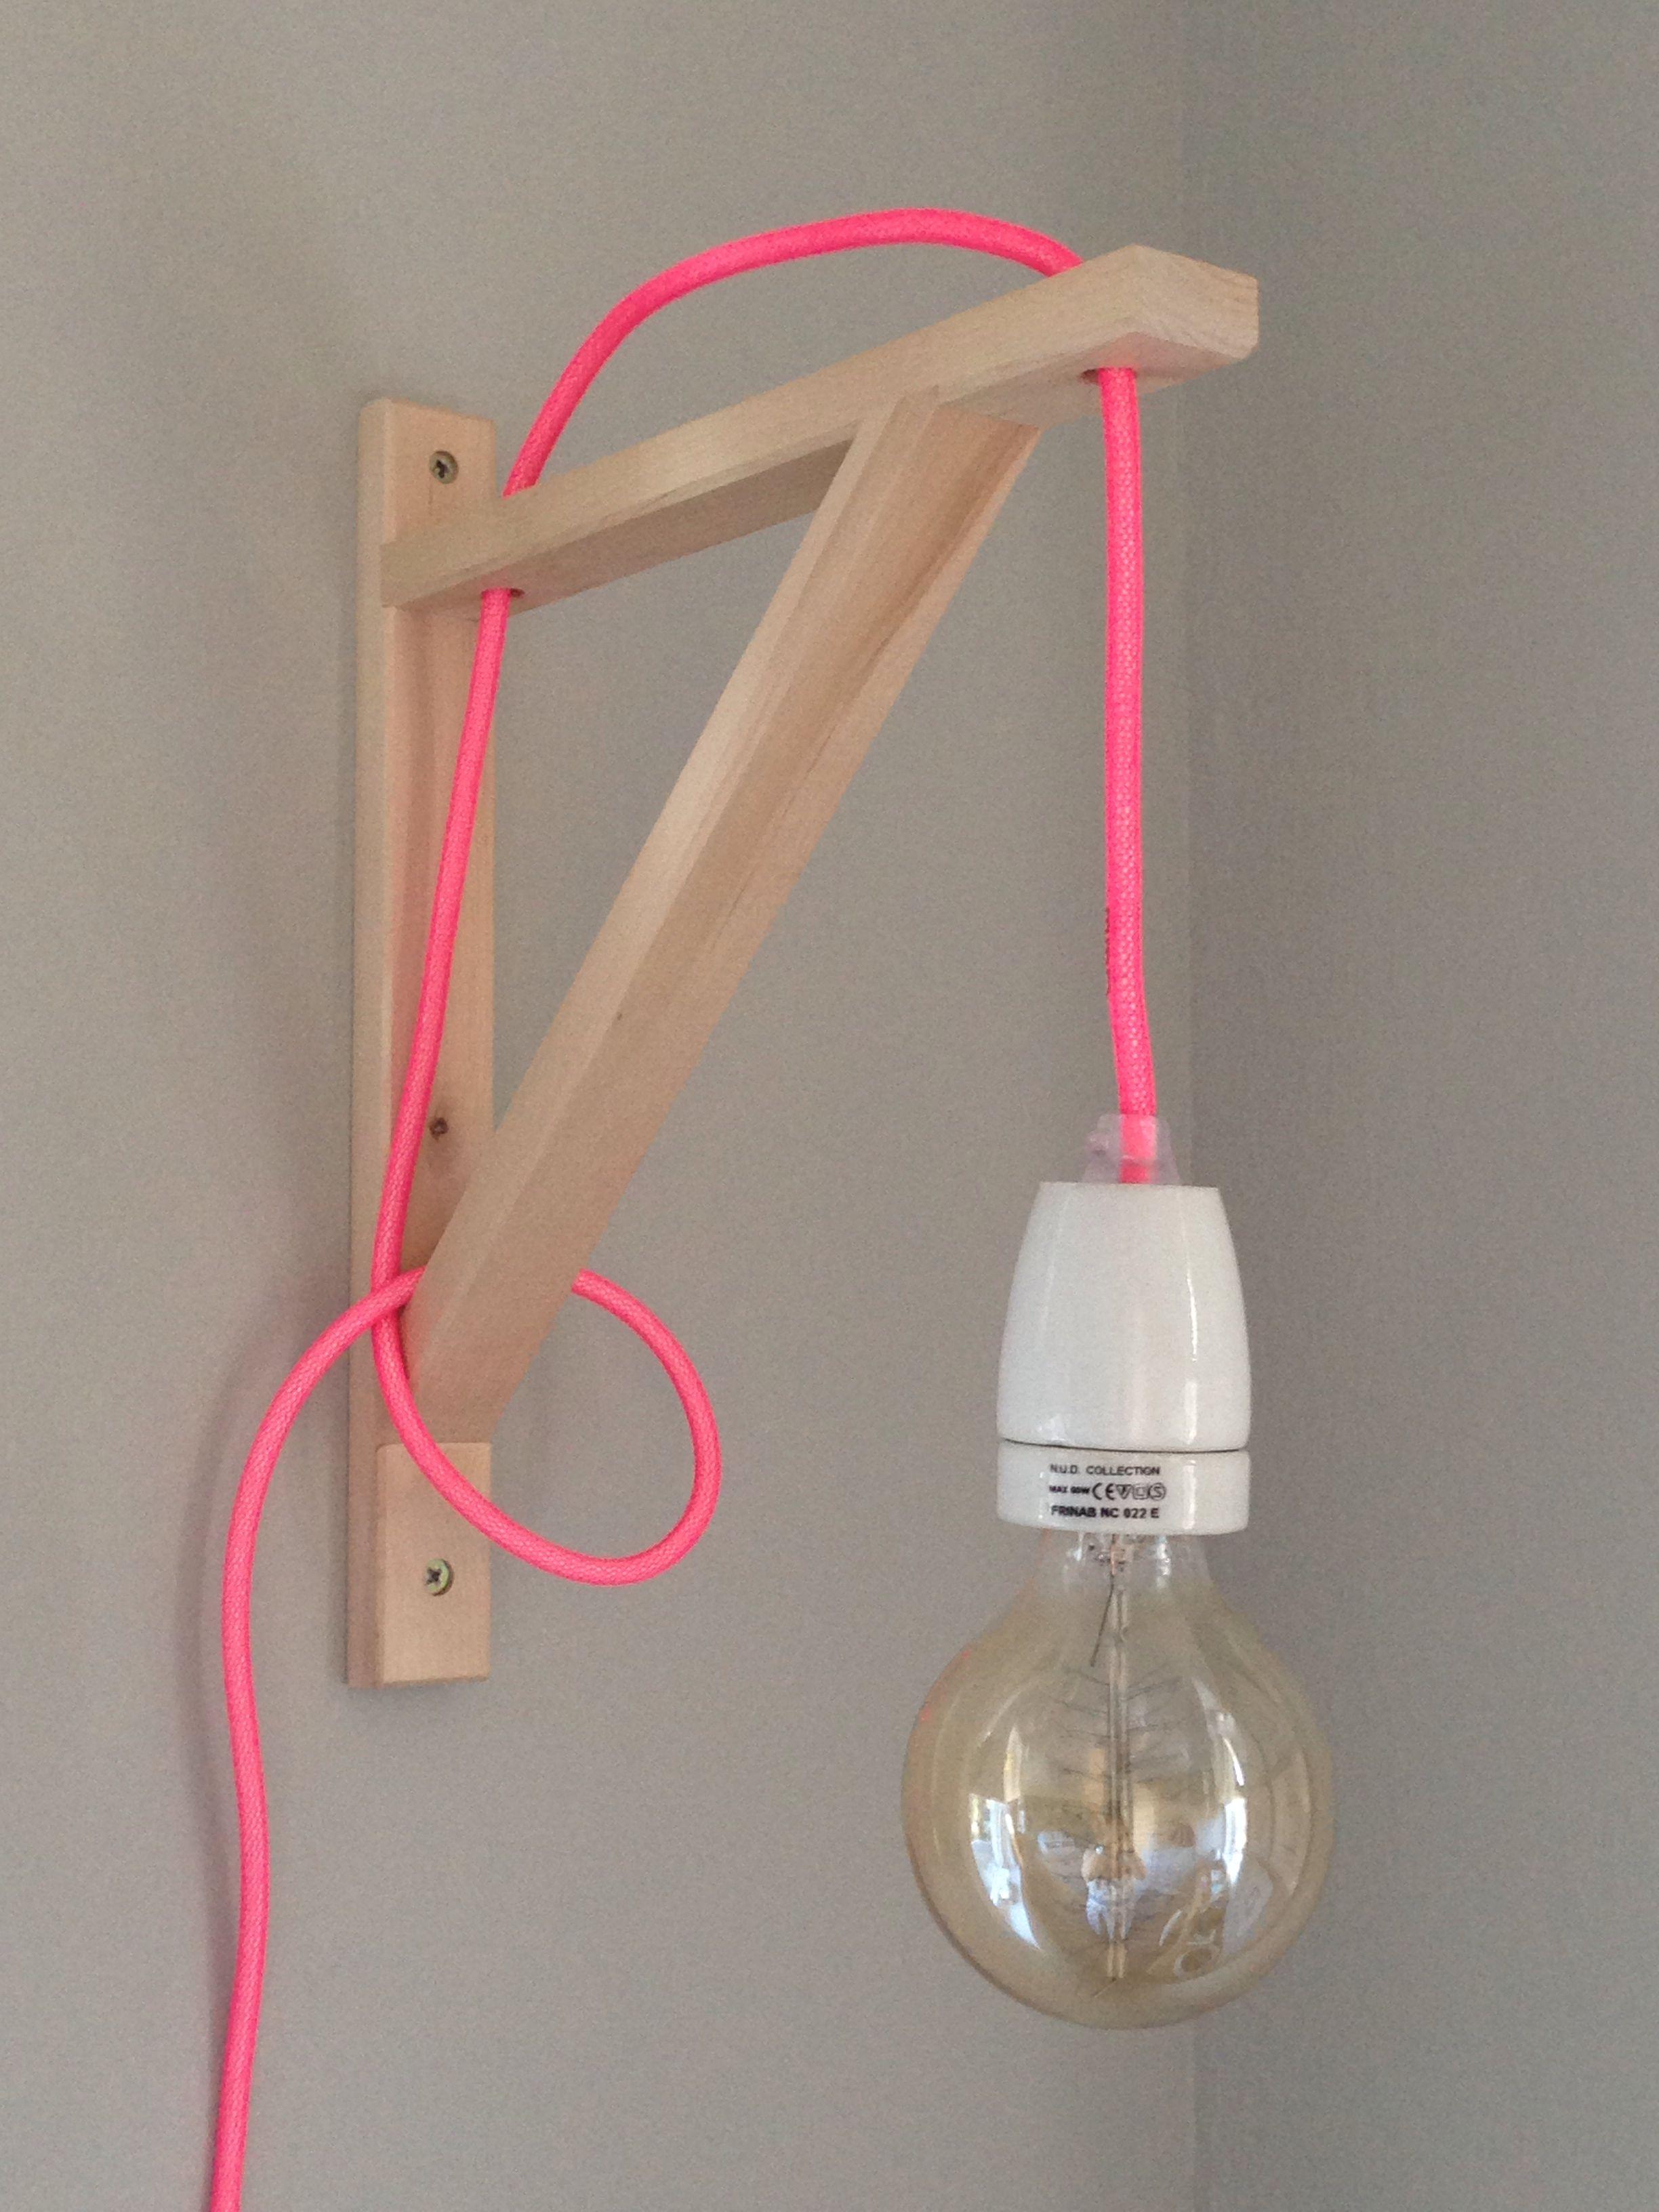 boekenplankDecoración voor Lamp DIY met houder Ikea 4Rj3Aq5L